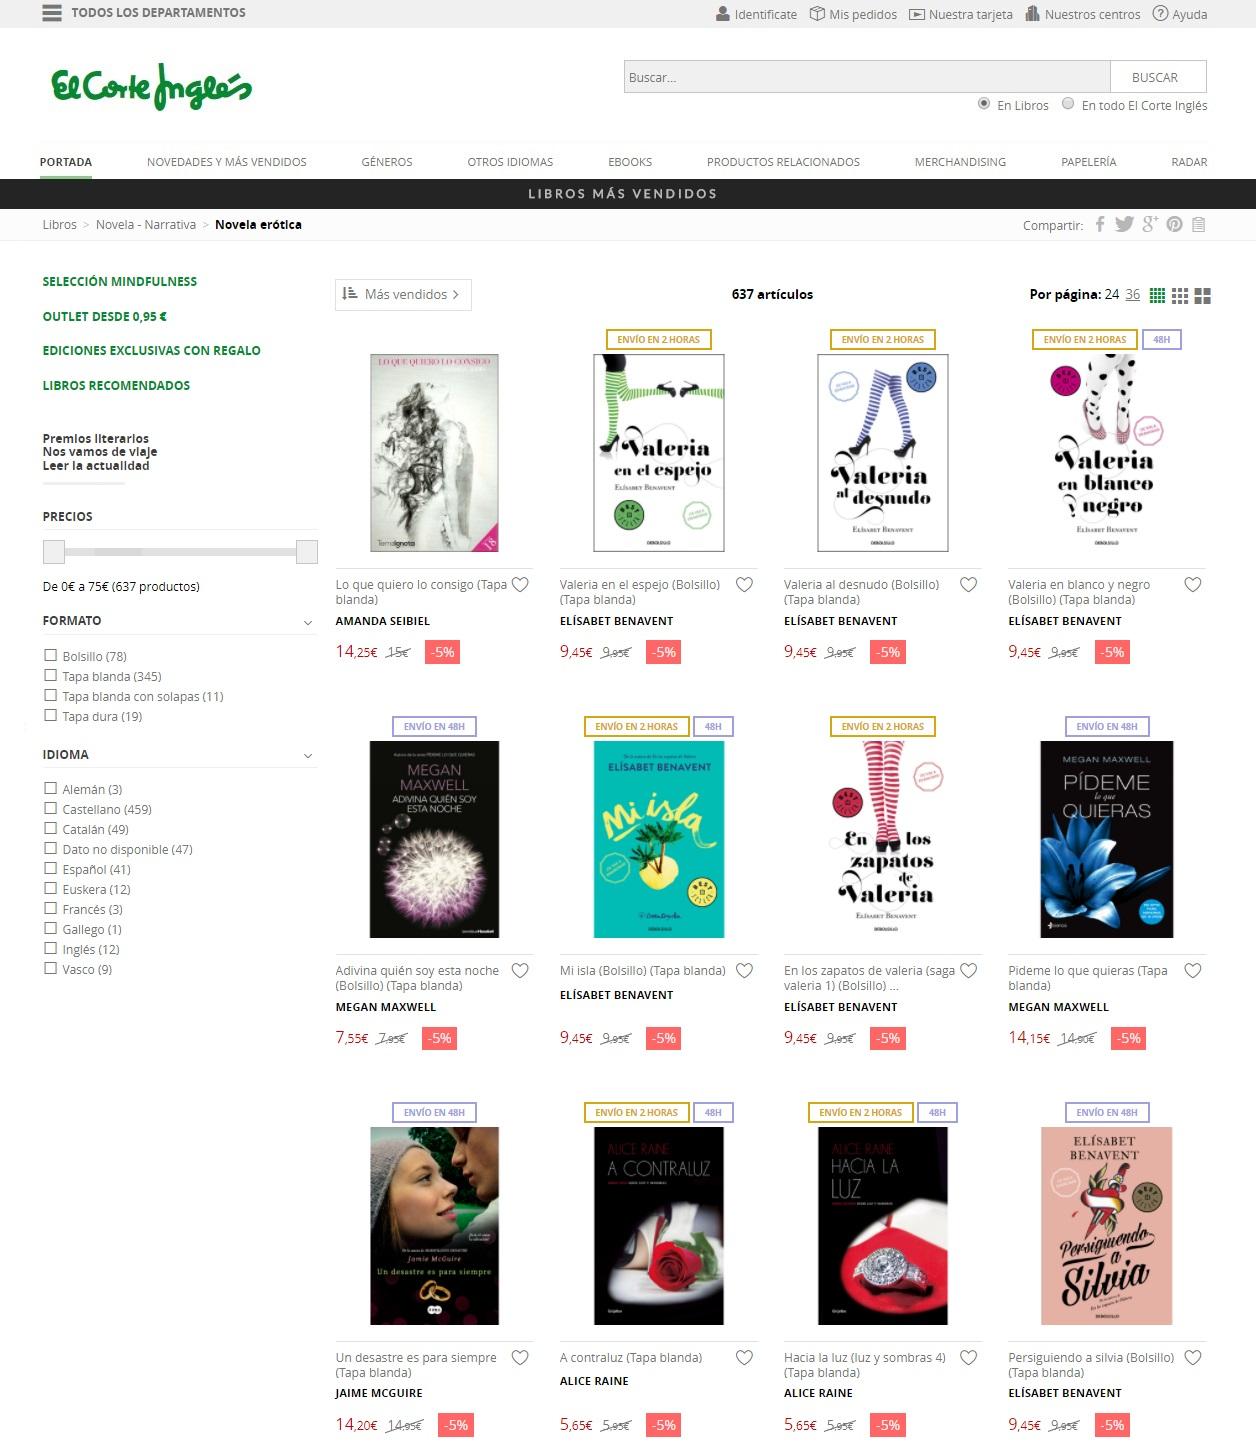 Amanda seibiel ya est entre los 10 libros m s vendidos en - Libreria el corte ingles ...